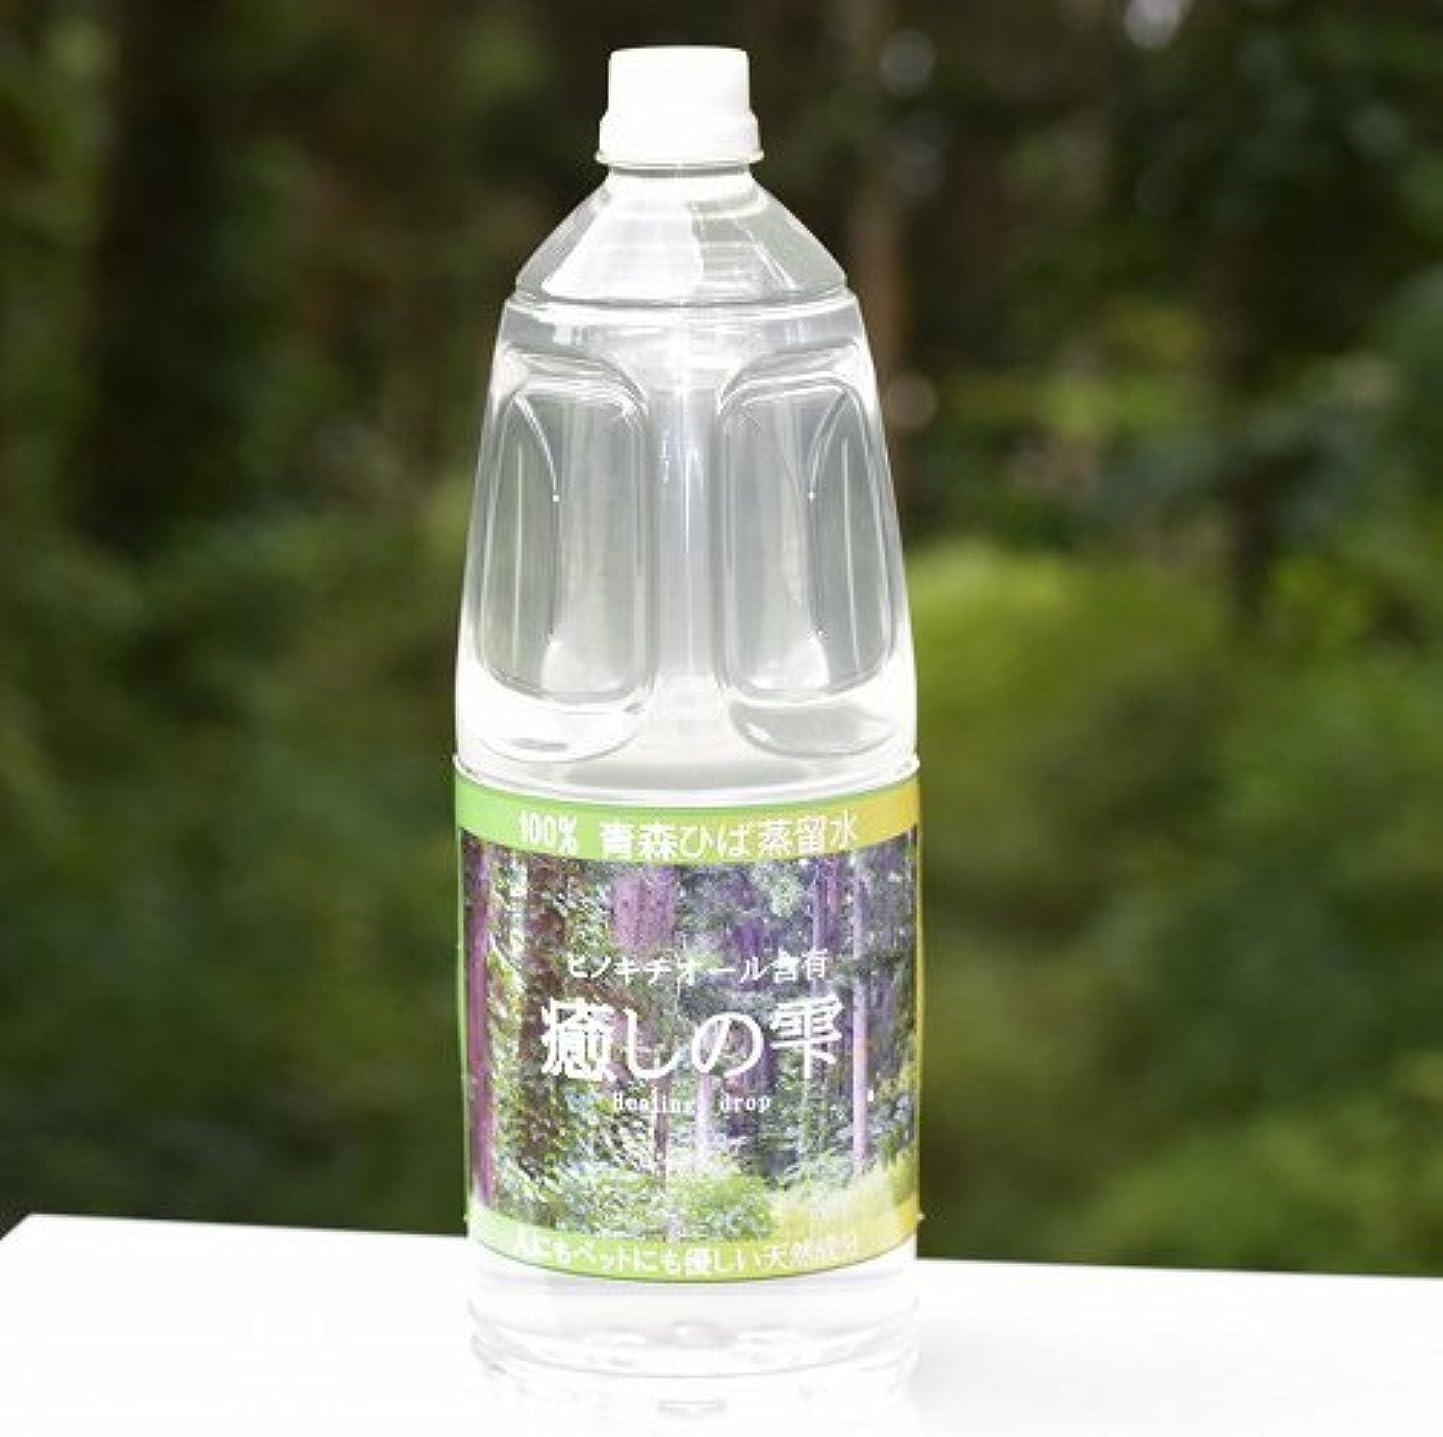 地上で子供達句青森ひば 天然ヒバ水 癒しの雫 蒸留水 送料無料 1.8L×10本